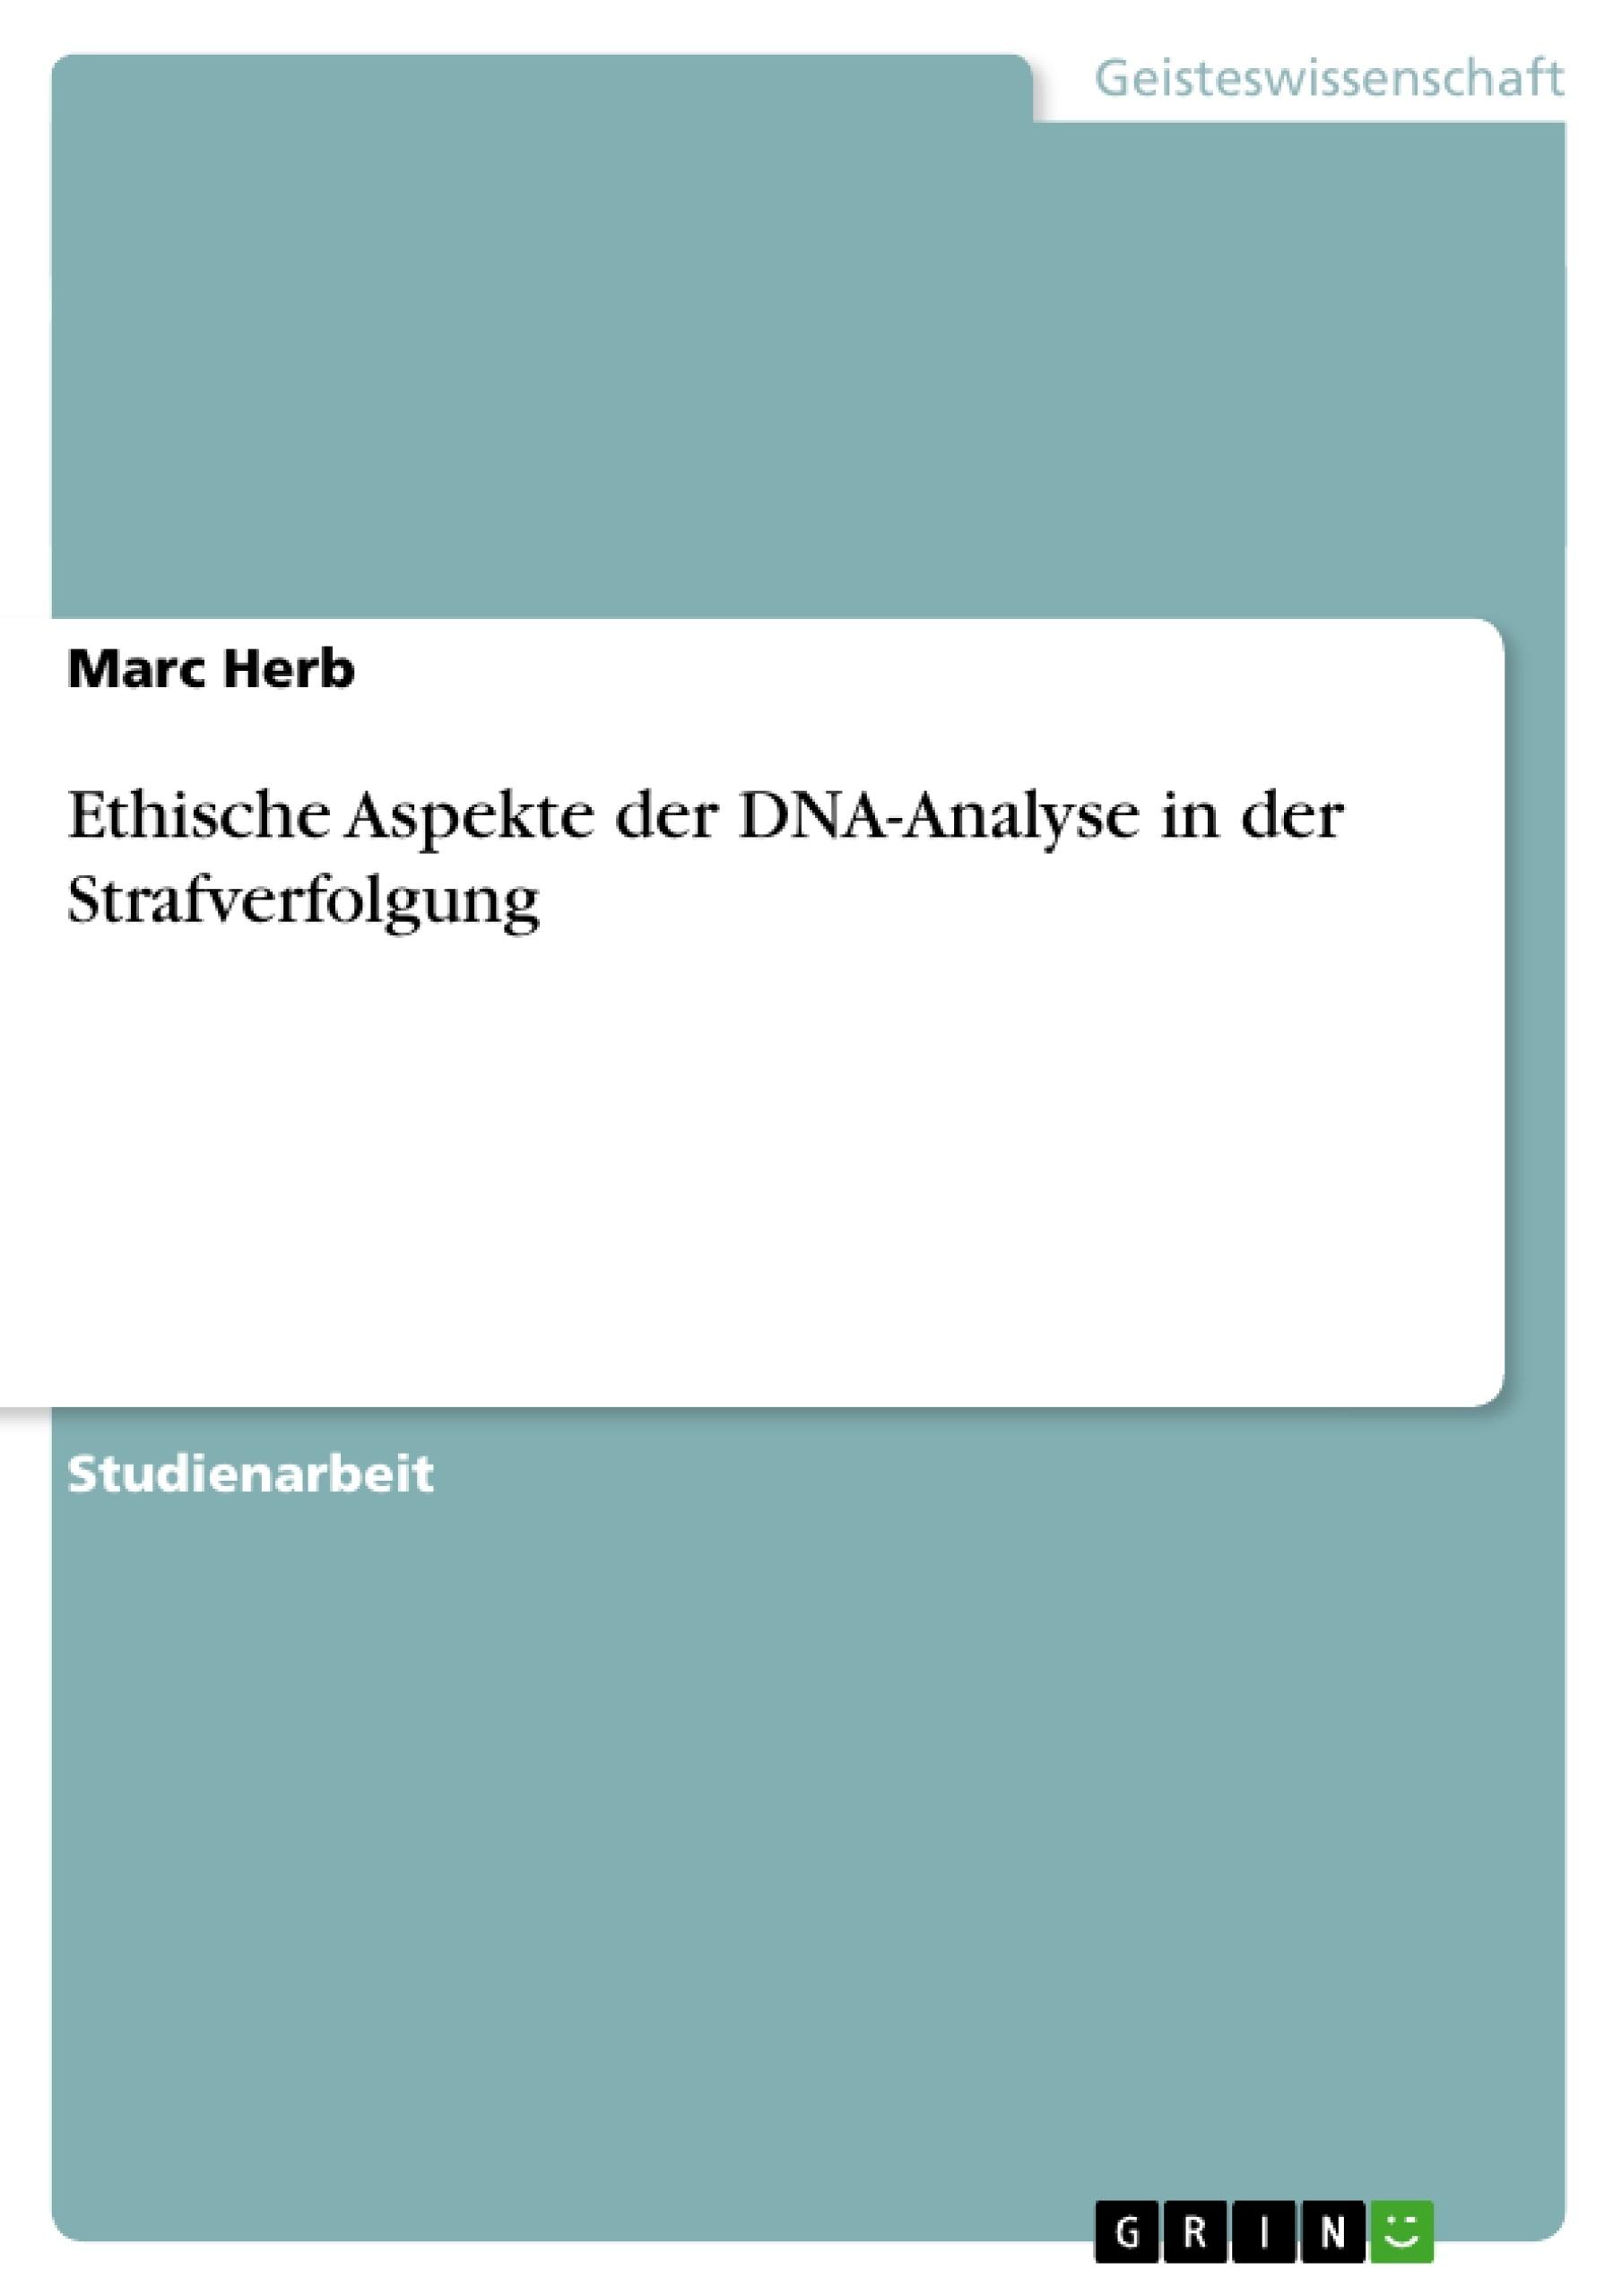 Titel: Ethische Aspekte der DNA-Analyse in der Strafverfolgung